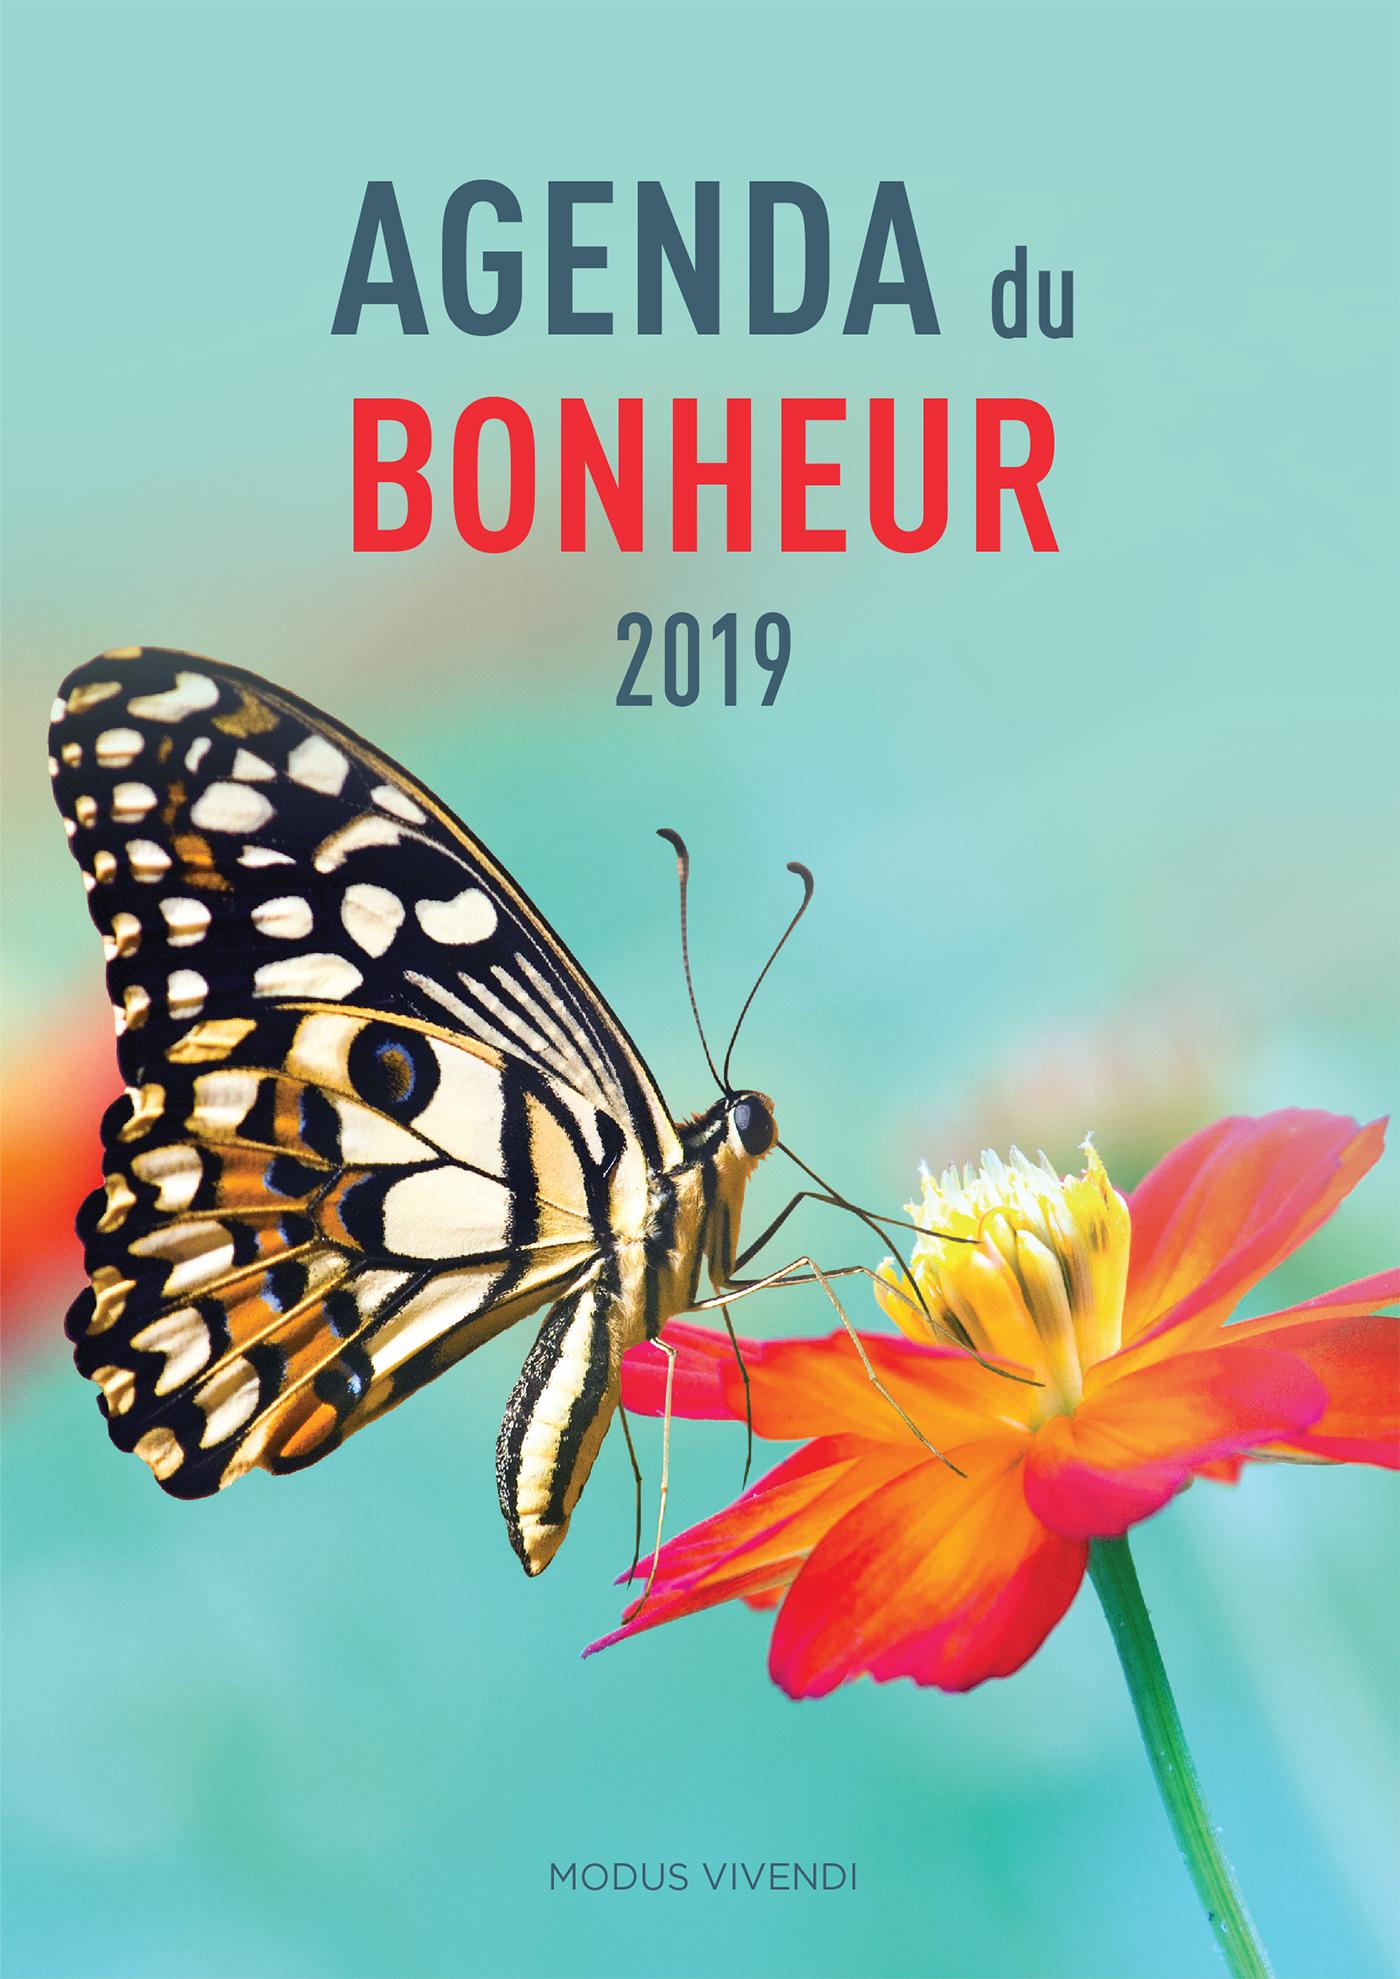 099_AgendaBonheur_C1